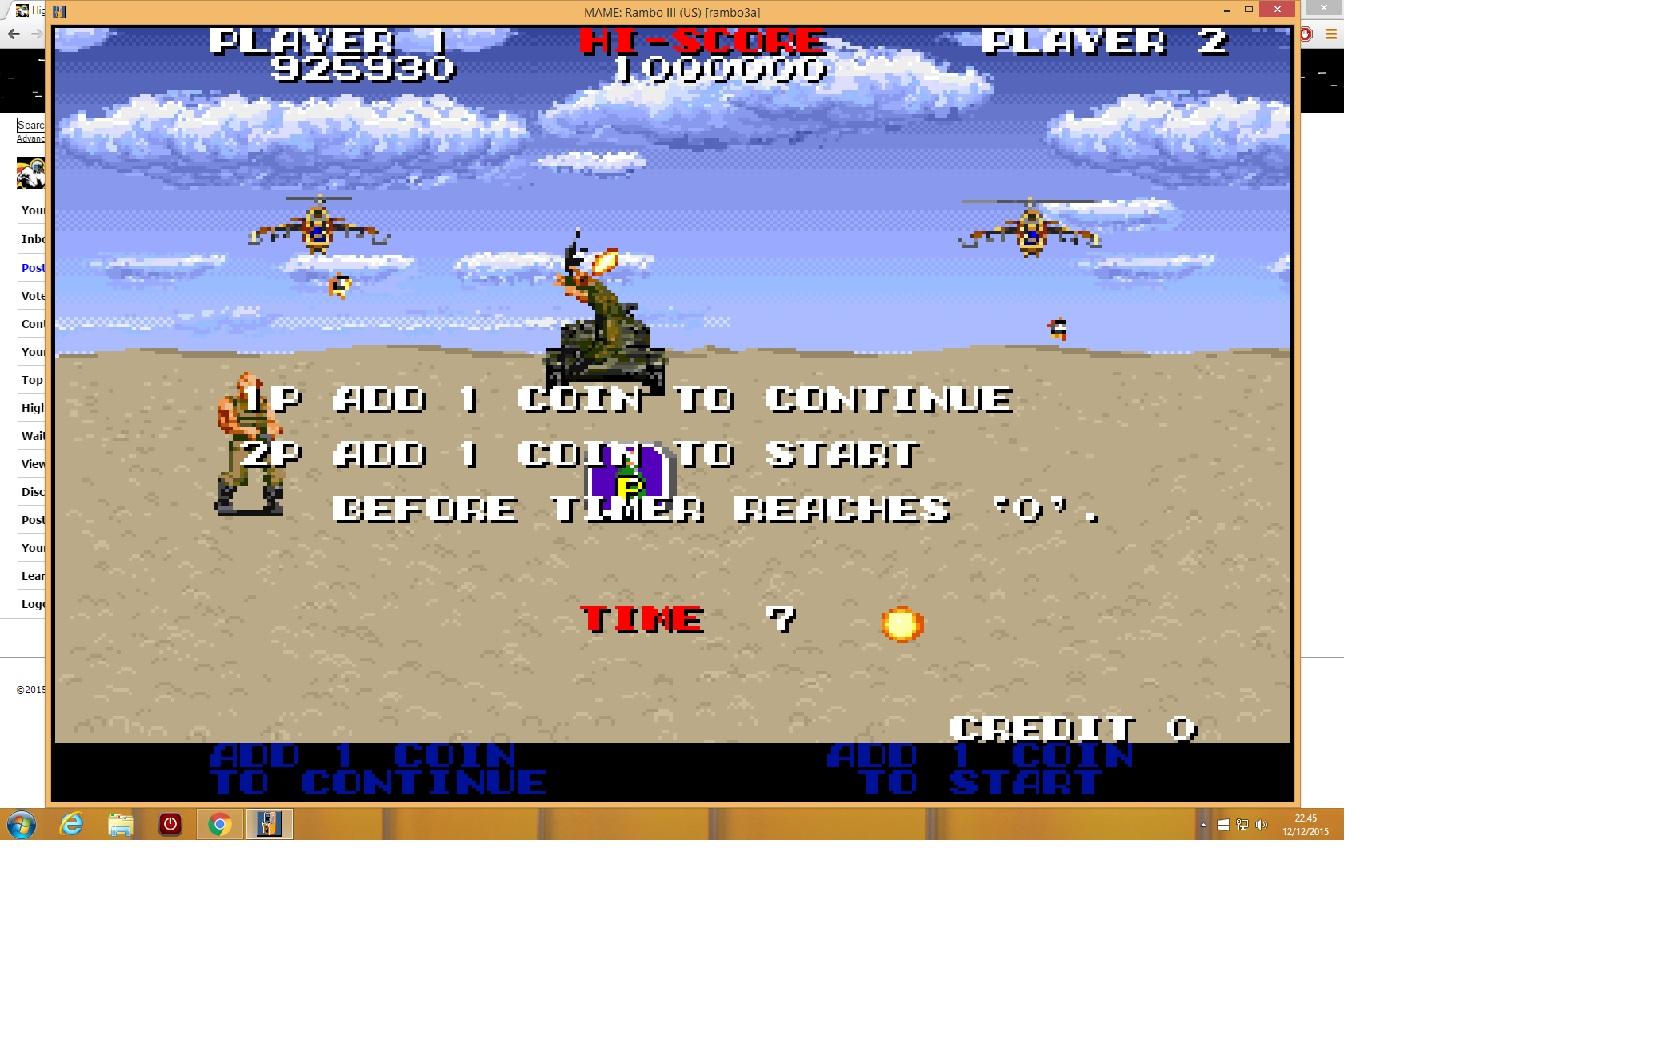 Rambo III 925,930 points